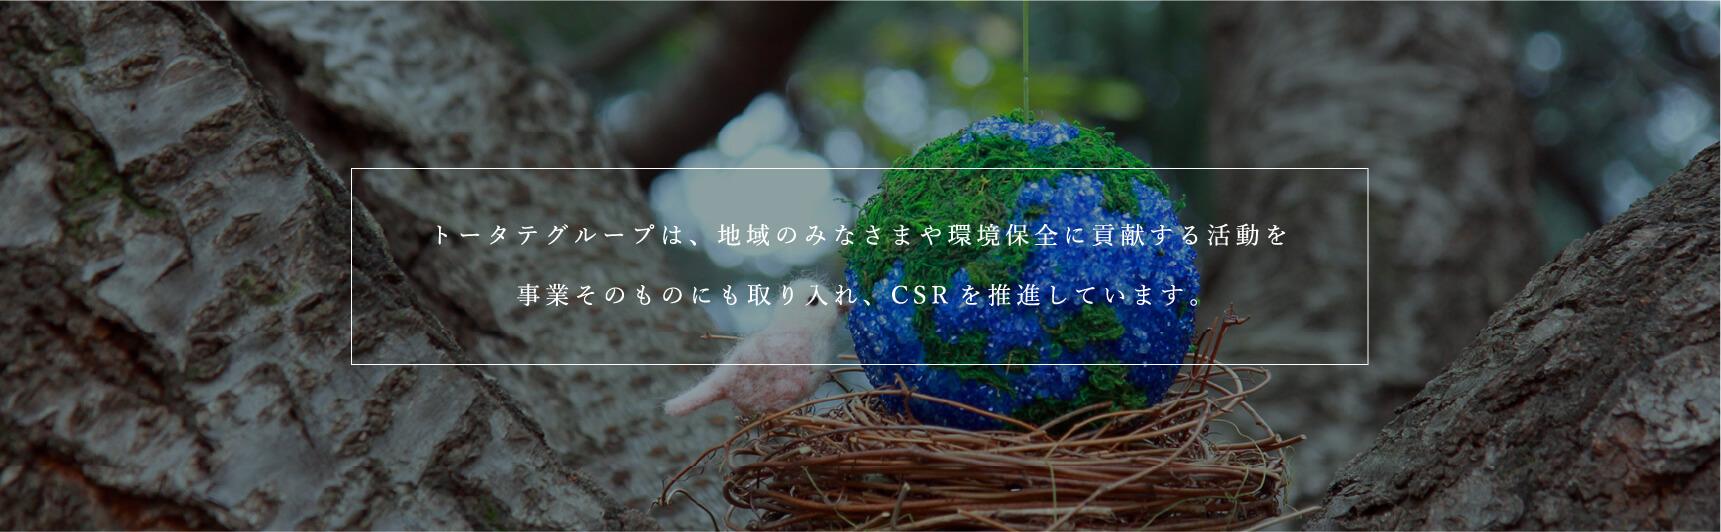 トータテグループは、地域のみなさまや環境保全に貢献する活動を事業そのものにも取り入れ、CSRを推進しています。